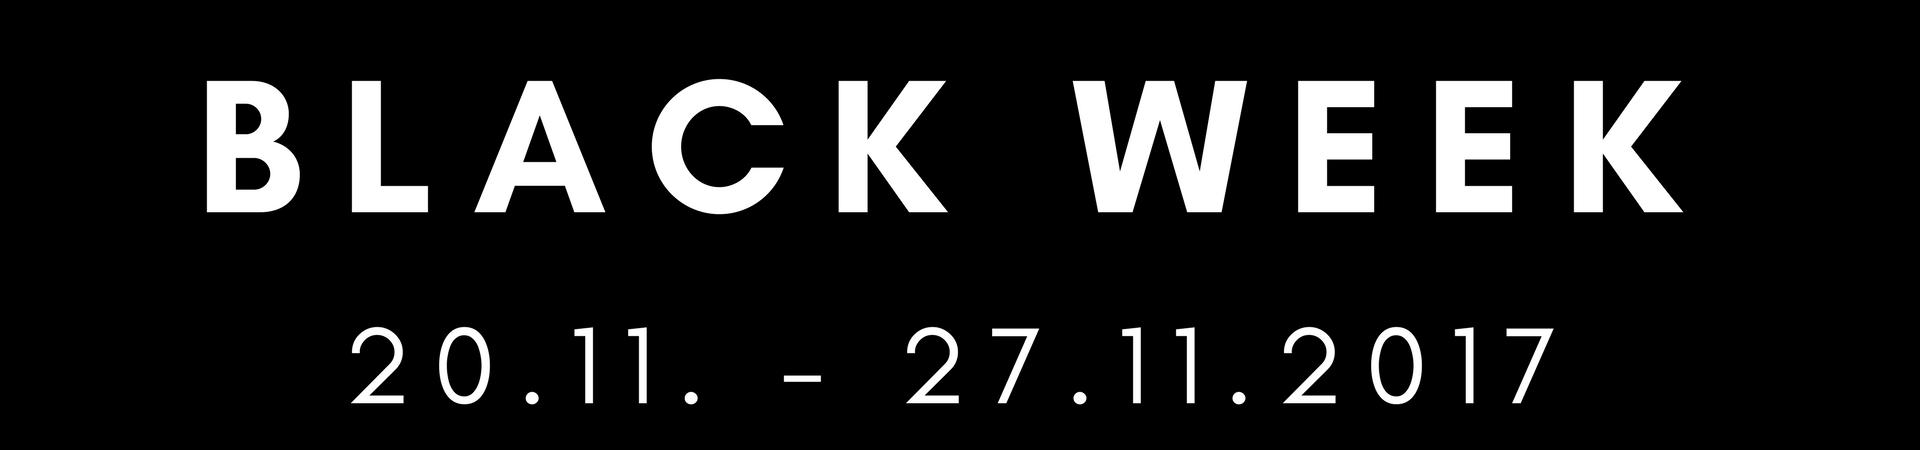 black week black friday apteekkinettikauppa tarjoukset